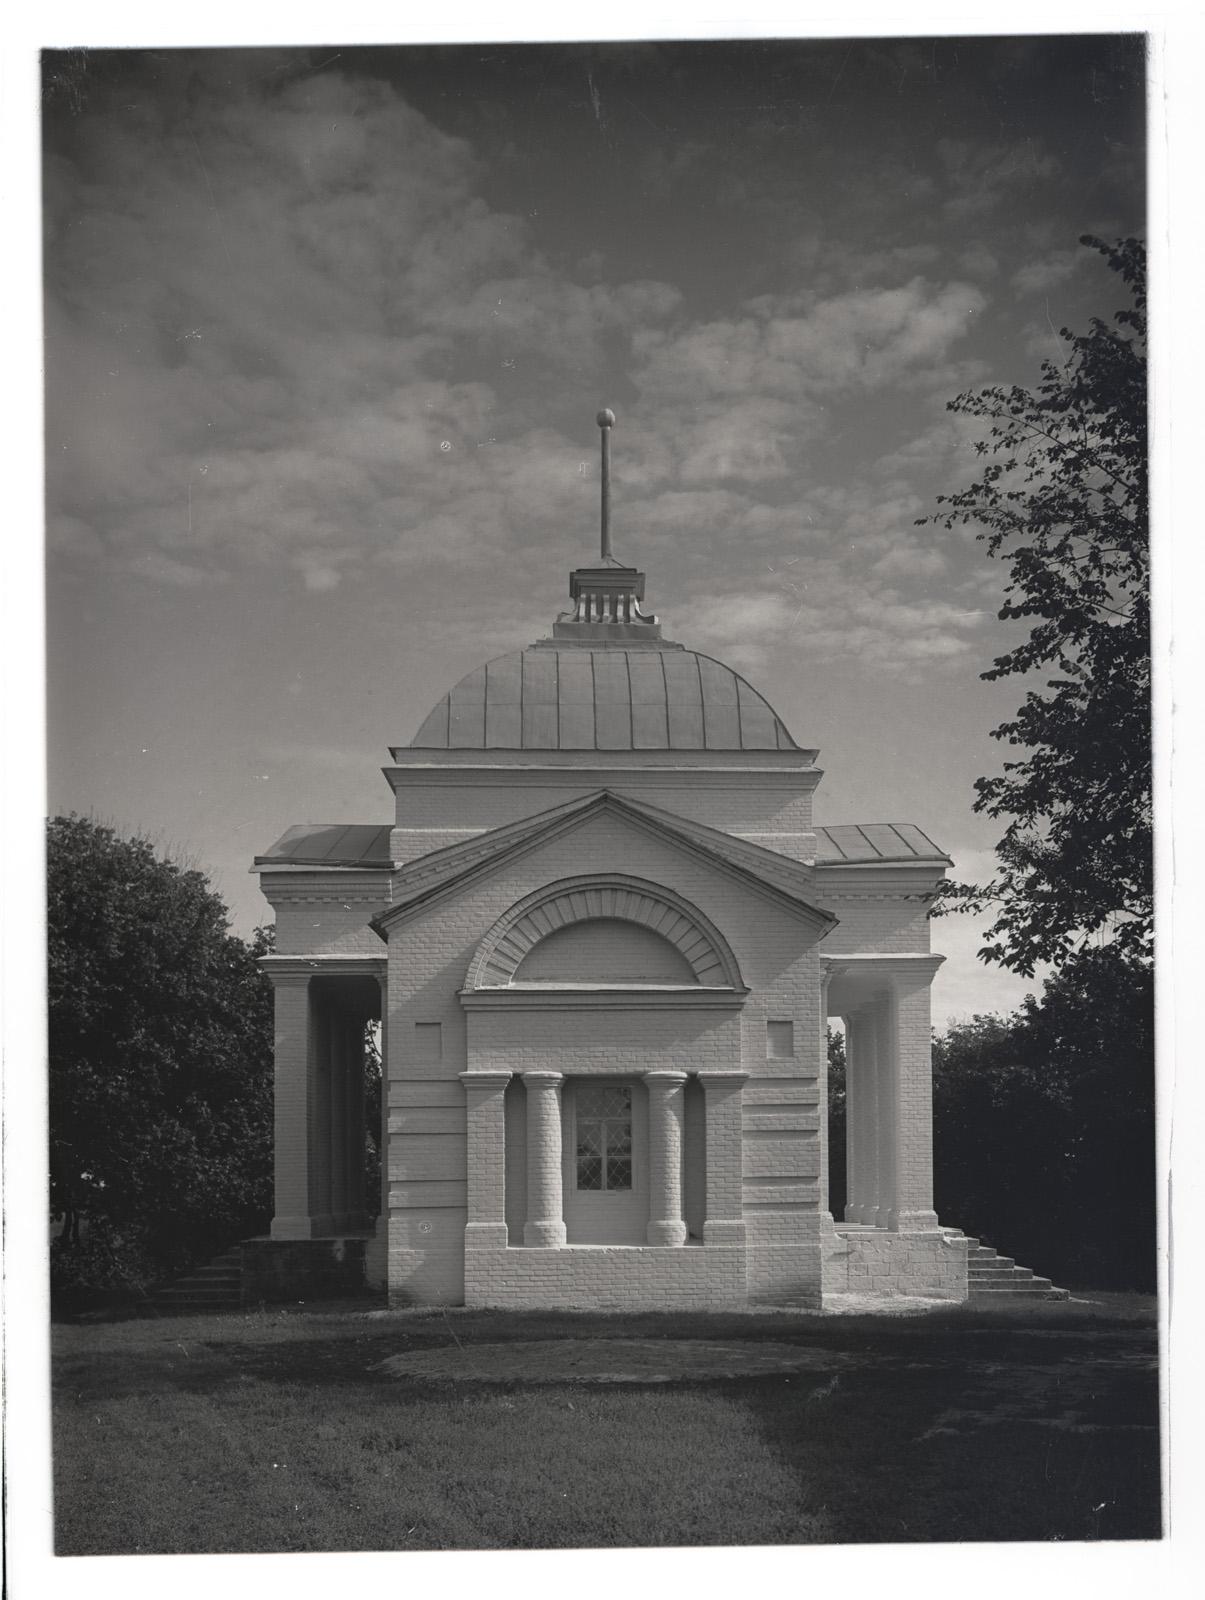 Церковь Марии Египетской. Фотография В.Г. Чудинова. 1937 г.